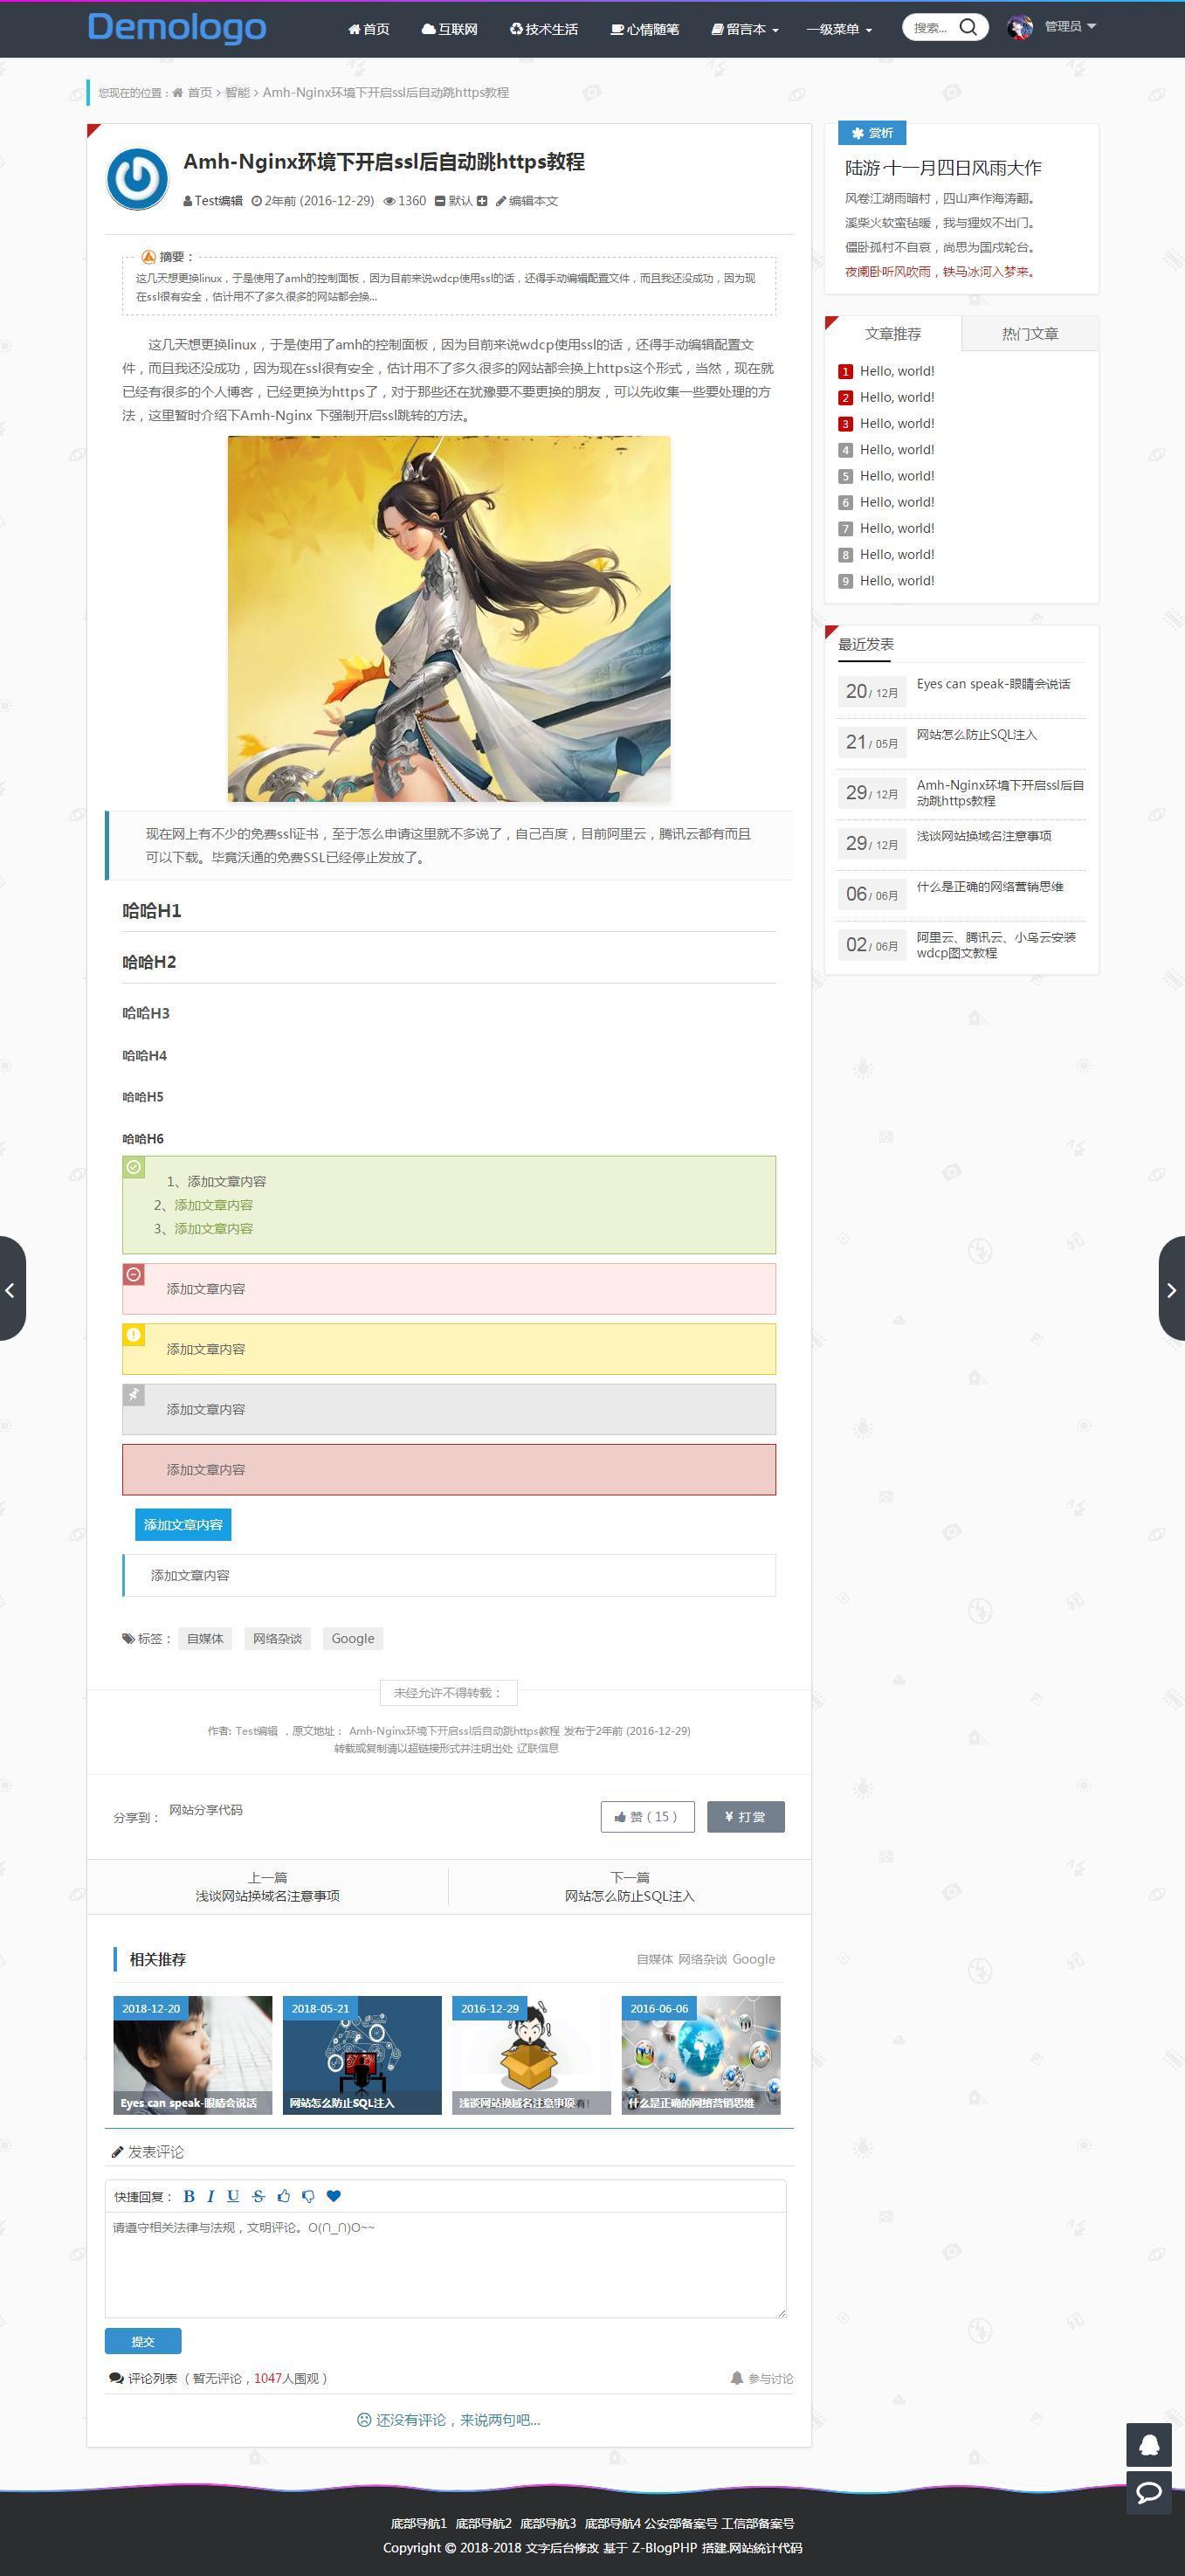 Z-BlogPHP开运锦鲤前来报道(更新说明及操作教程,必看文章) 第81张